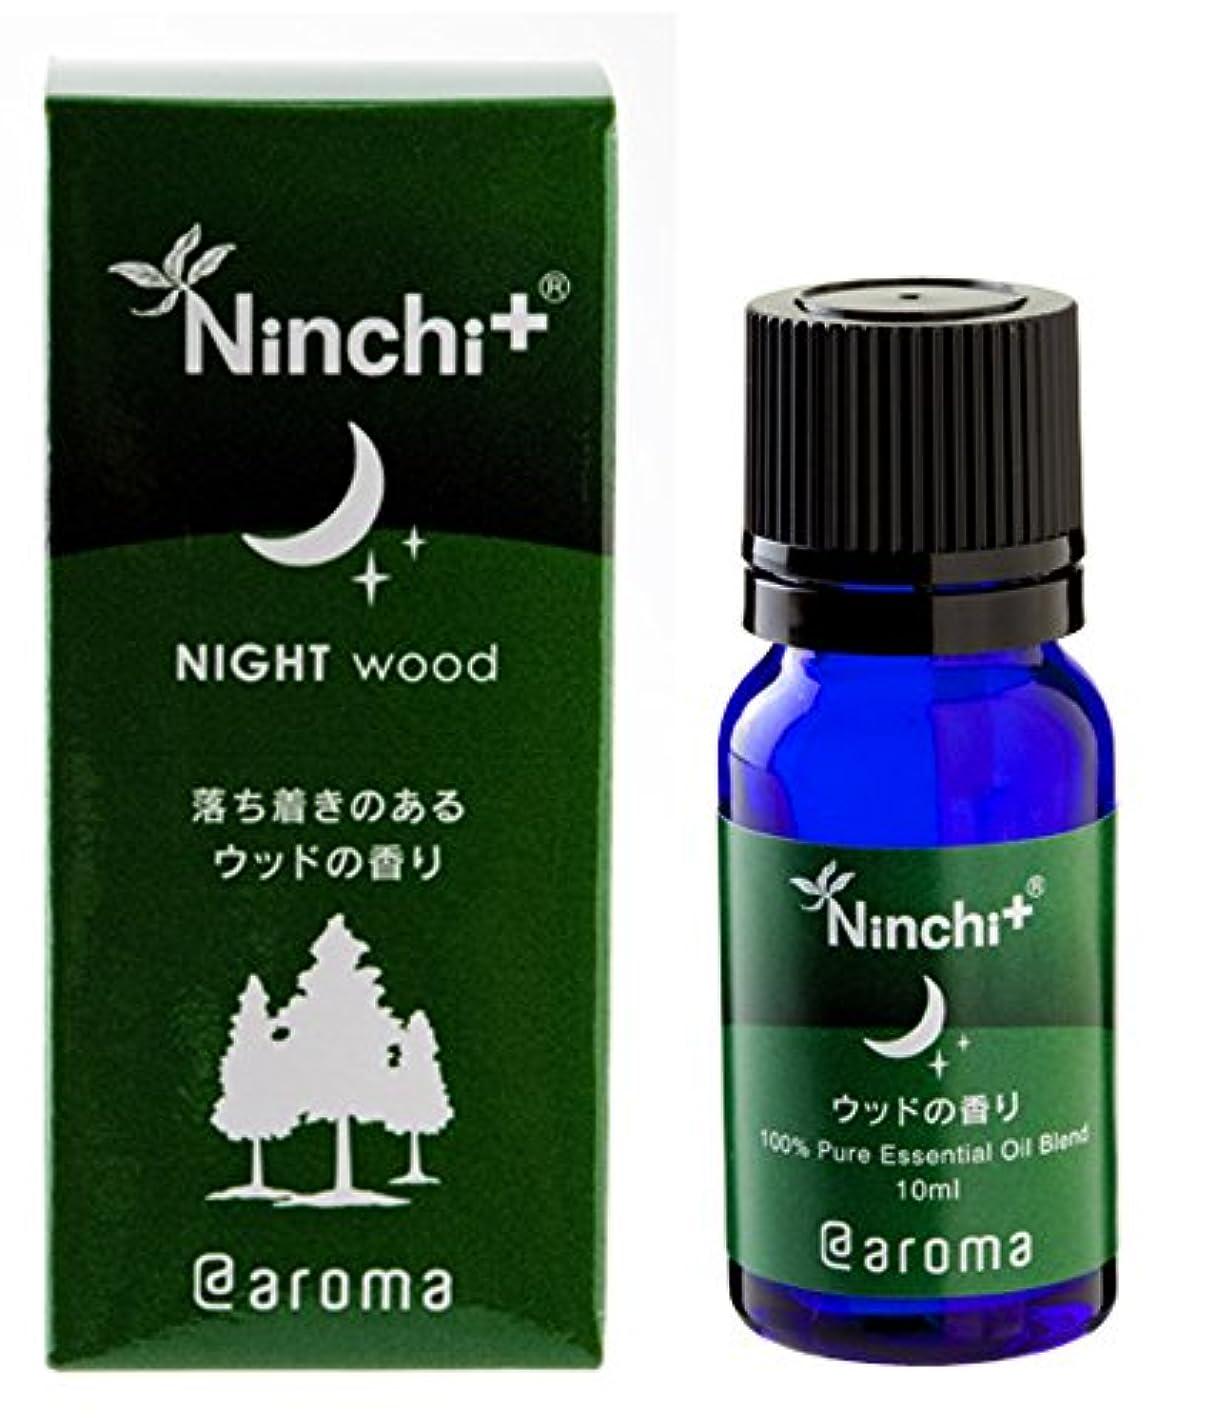 クライマックス障害大気Ninchi+ Night ウッド10ml